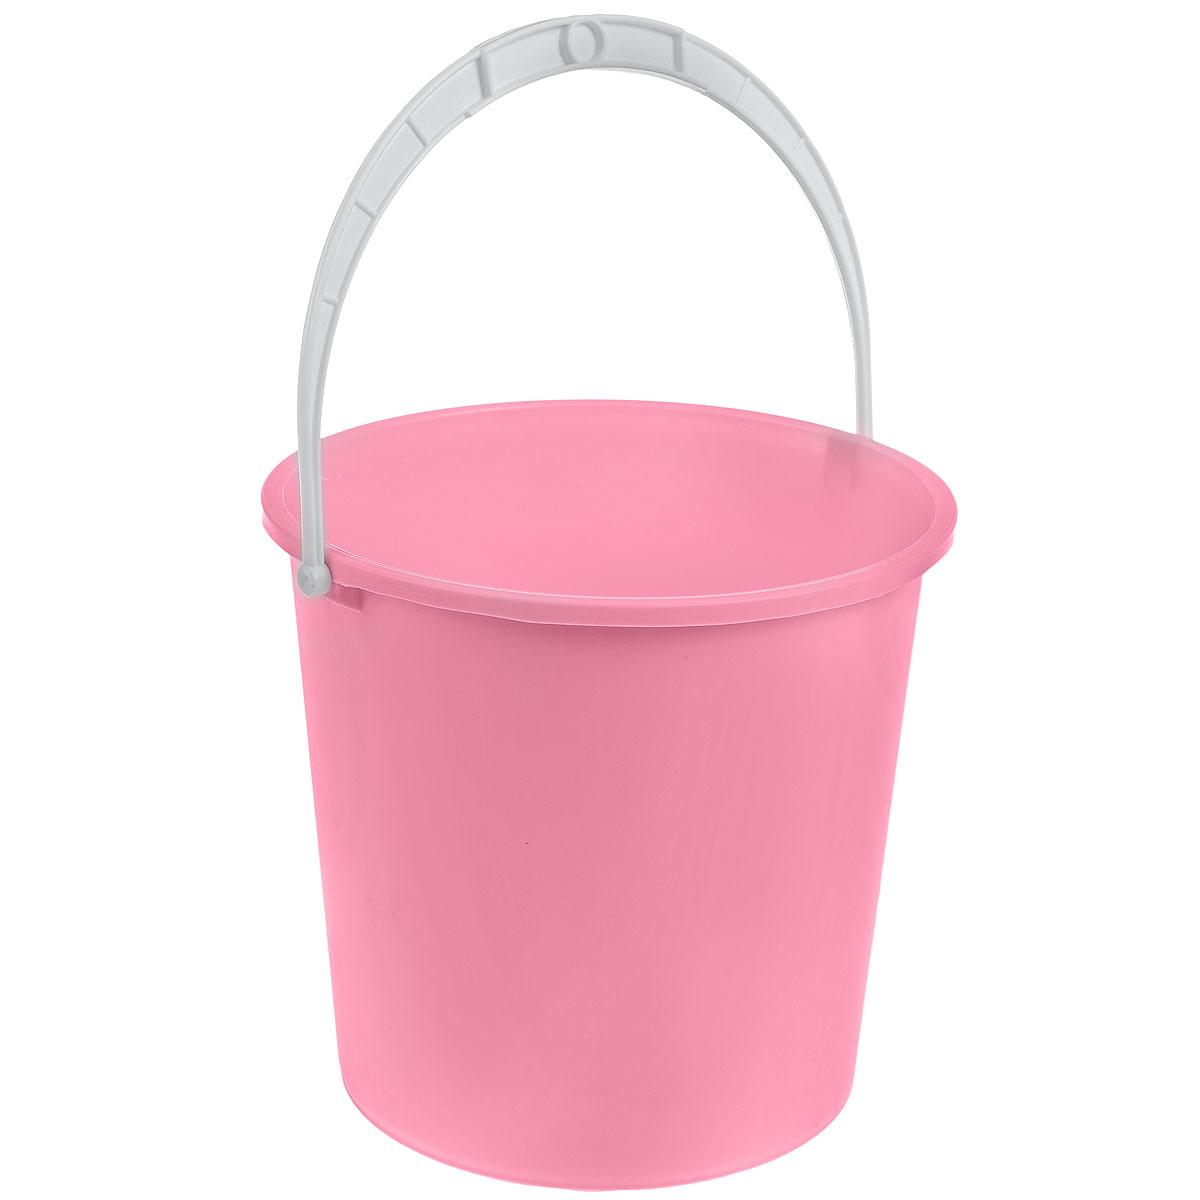 Ведро Альтернатива Крепыш, цвет: розовый, 5 лCLP446Ведро Альтернатива Крепыш изготовлено из высококачественного одноцветного пластика. Оно легче железного и не подвержено коррозии. Ведро оснащено удобной пластиковой ручкой. Такое ведро станет незаменимым помощником в хозяйстве. Диаметр: 22 см.Высота: 20,5 см.